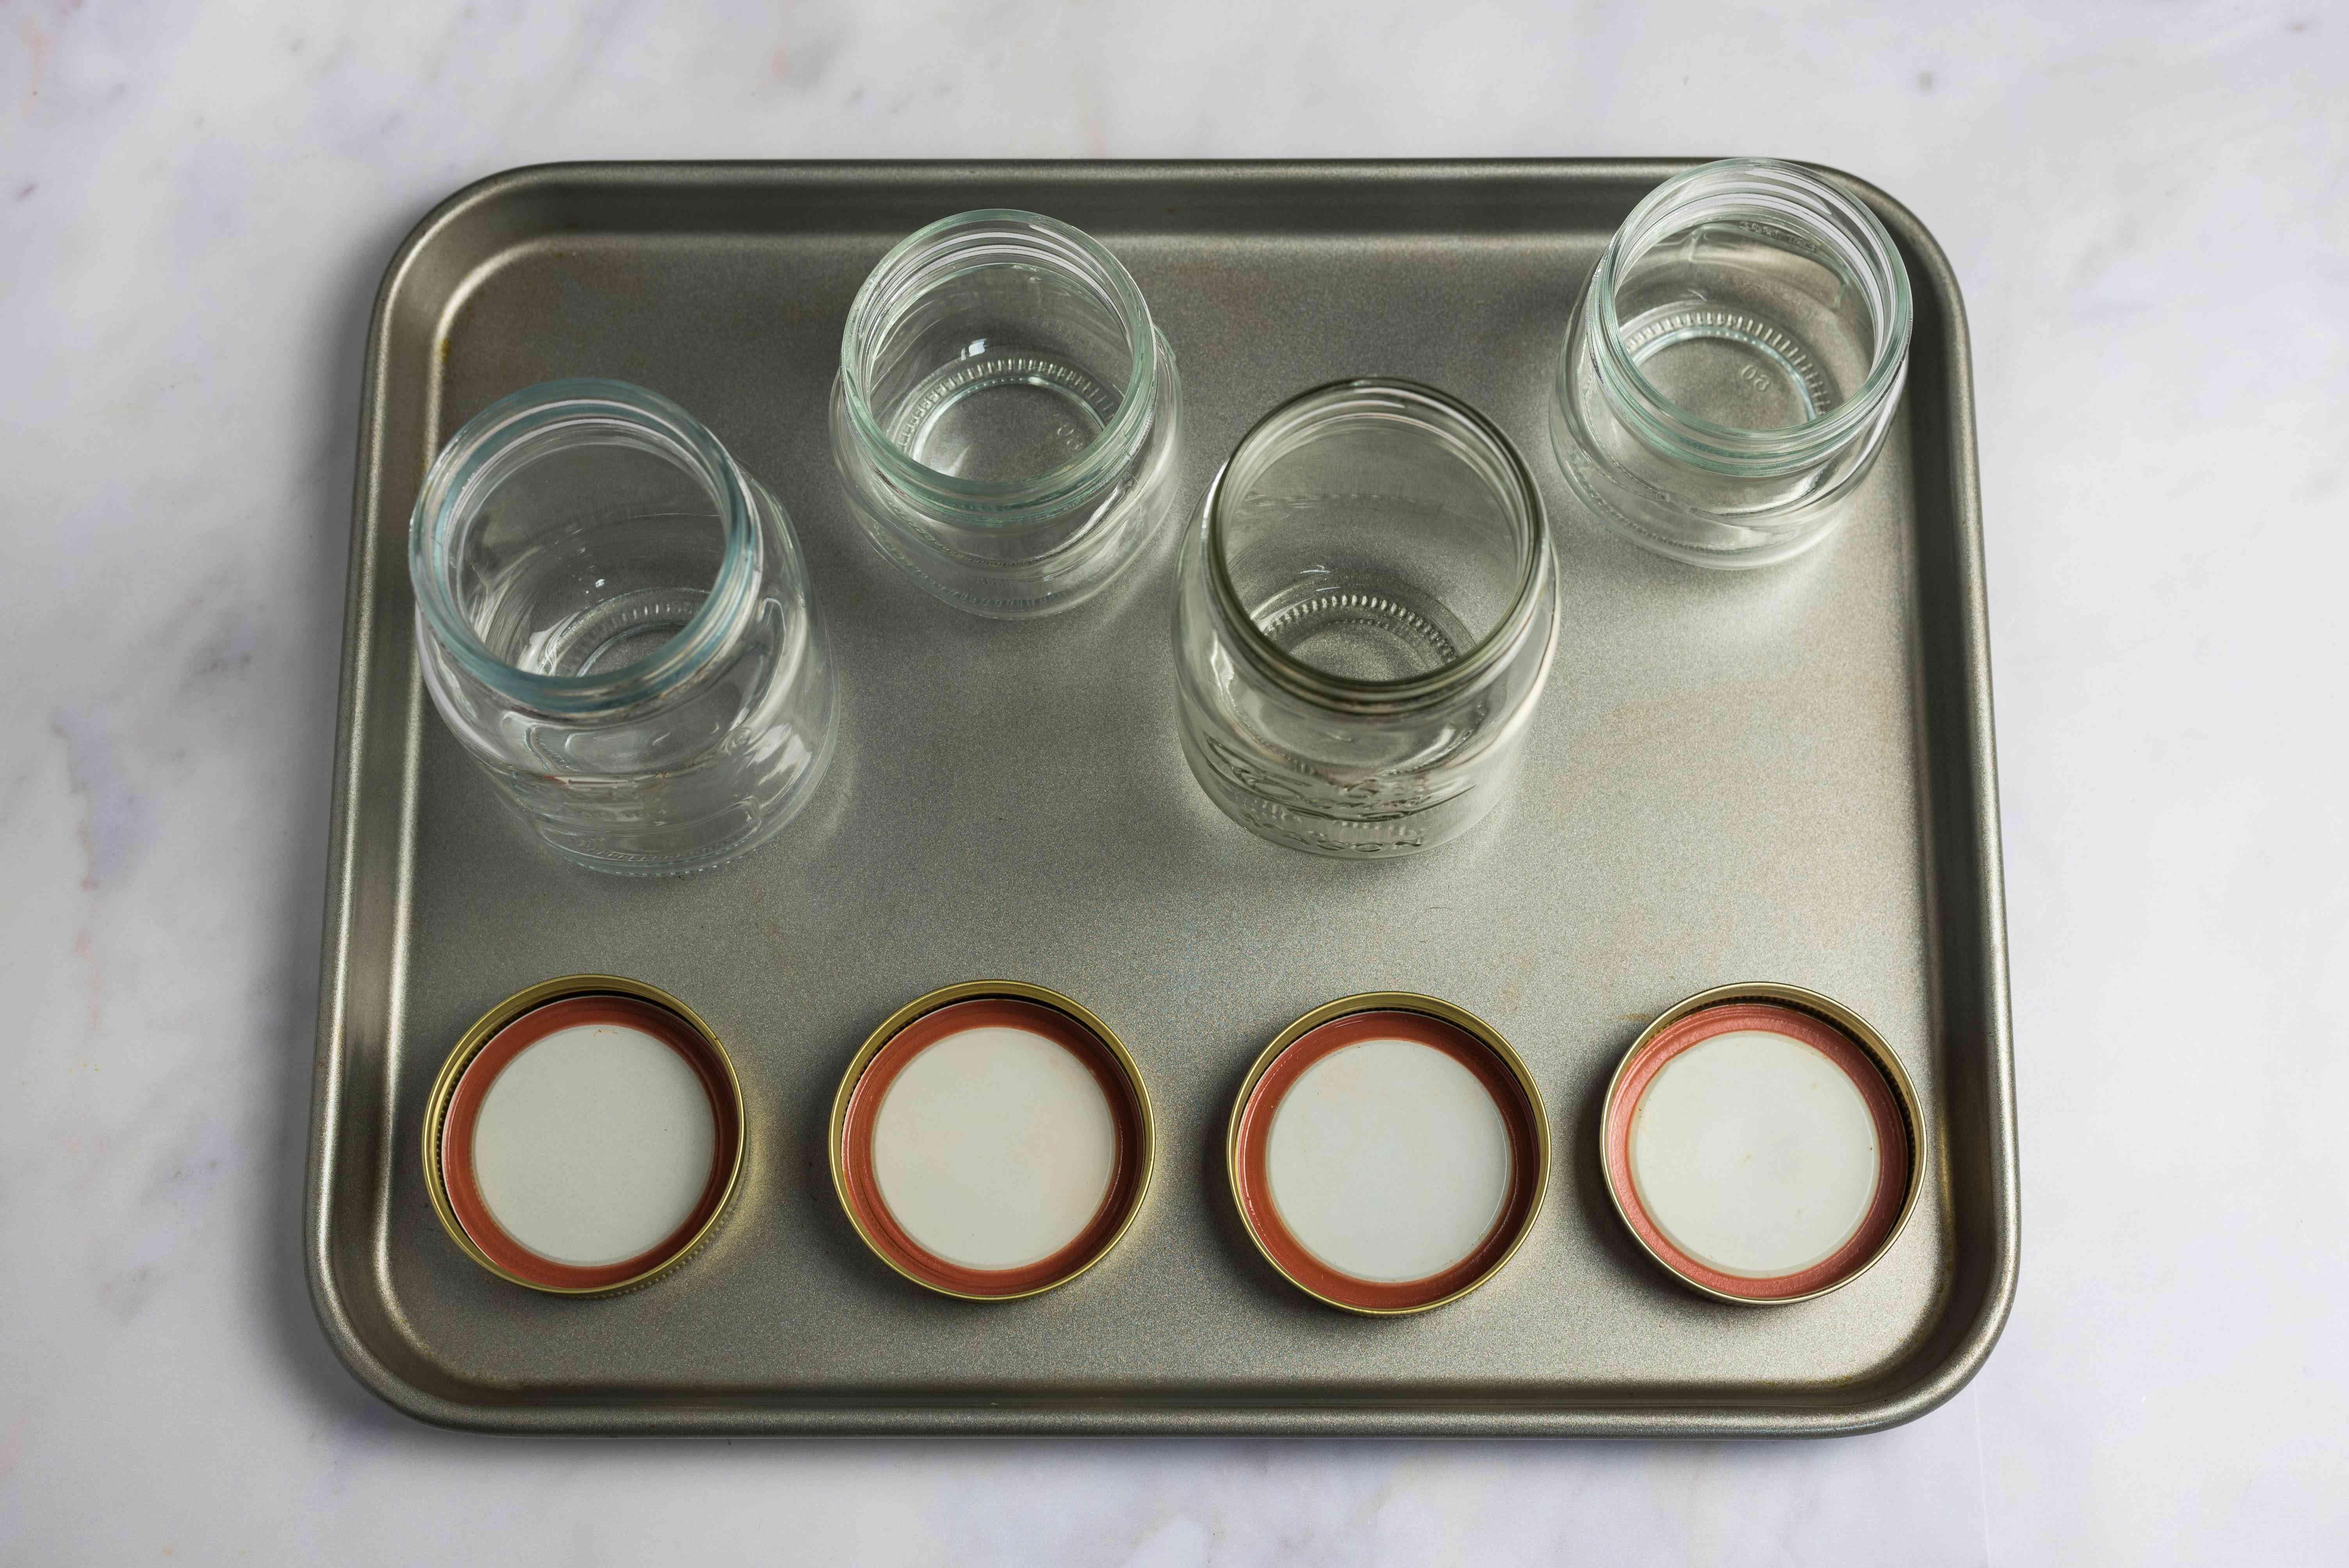 Prepare and sterilize jars